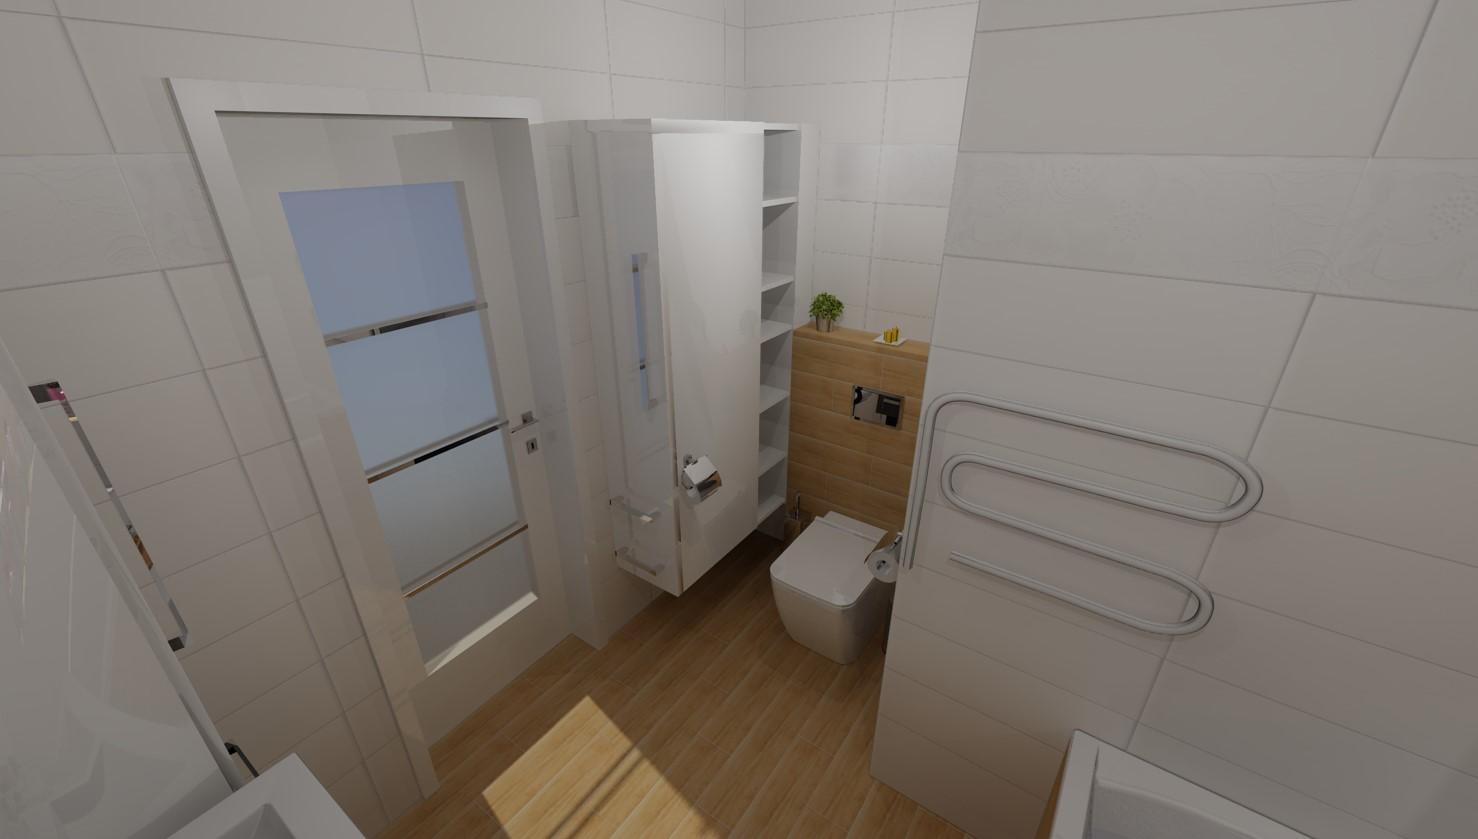 Koupelna varianty - Druhá možnost Wood- wood je jen ke gaberitu a je přidaný jeden řádek obkladu s kytičkama a udělaná lepší skříňkavedle záchodu